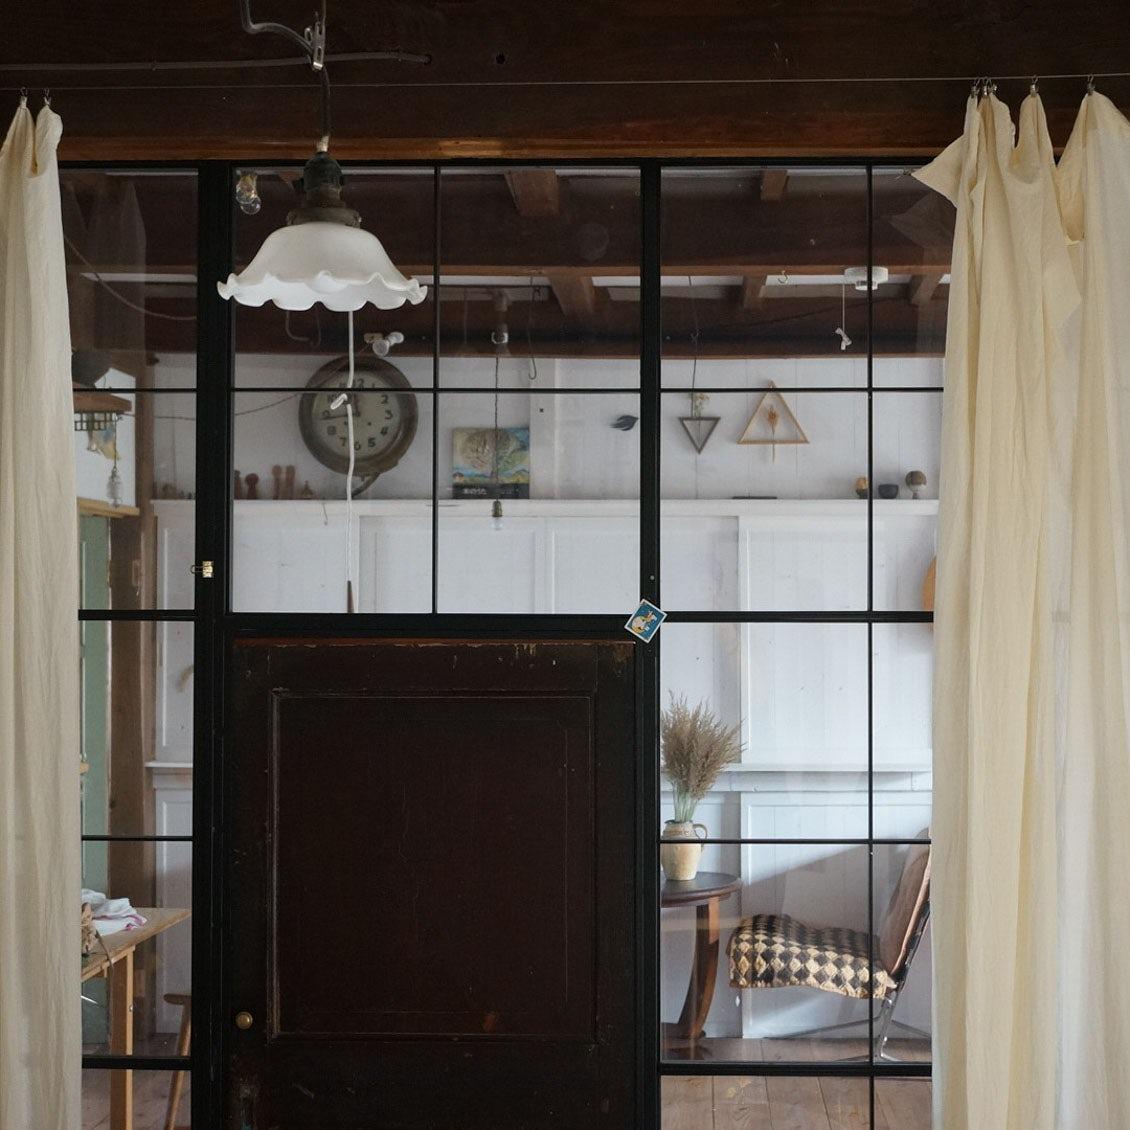 【寒がりさんの冬ごもり】第3話:冬は冷えこむ木造平屋に住んで4年。部屋をあたたかく保つ5つのアイデア